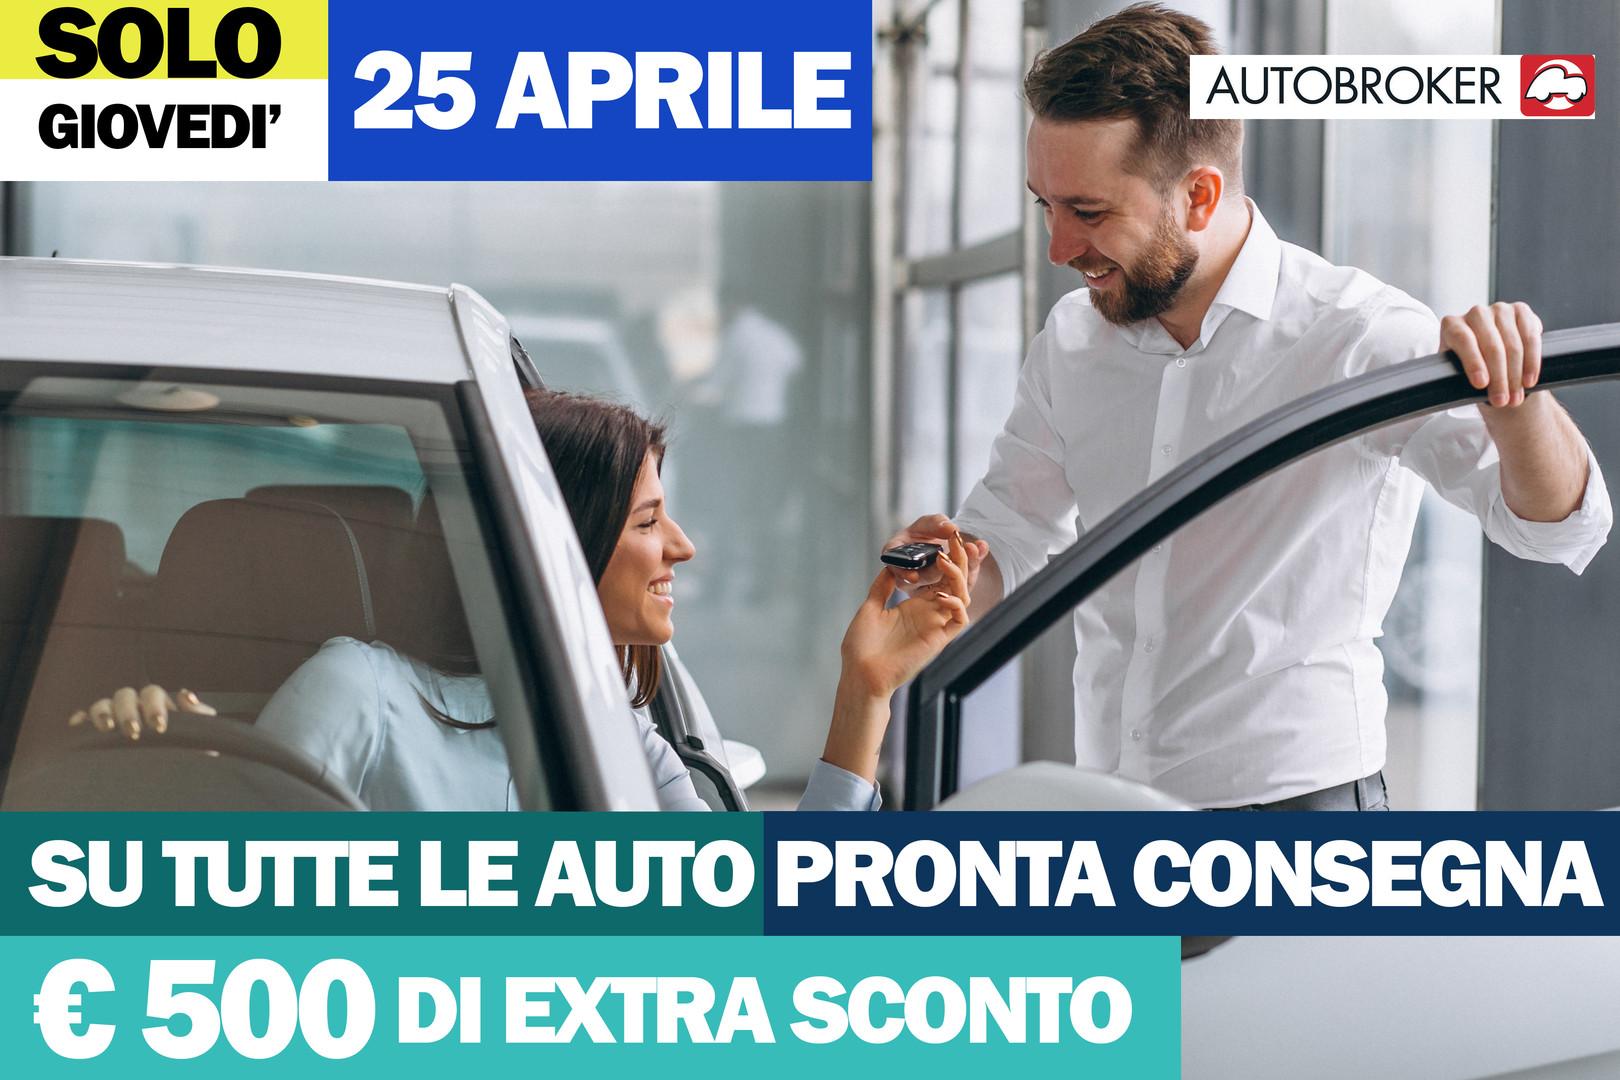 Da gruppo autobroker 500 euro di sconto su auto nissa, fiat, volkswagen pronta consegna